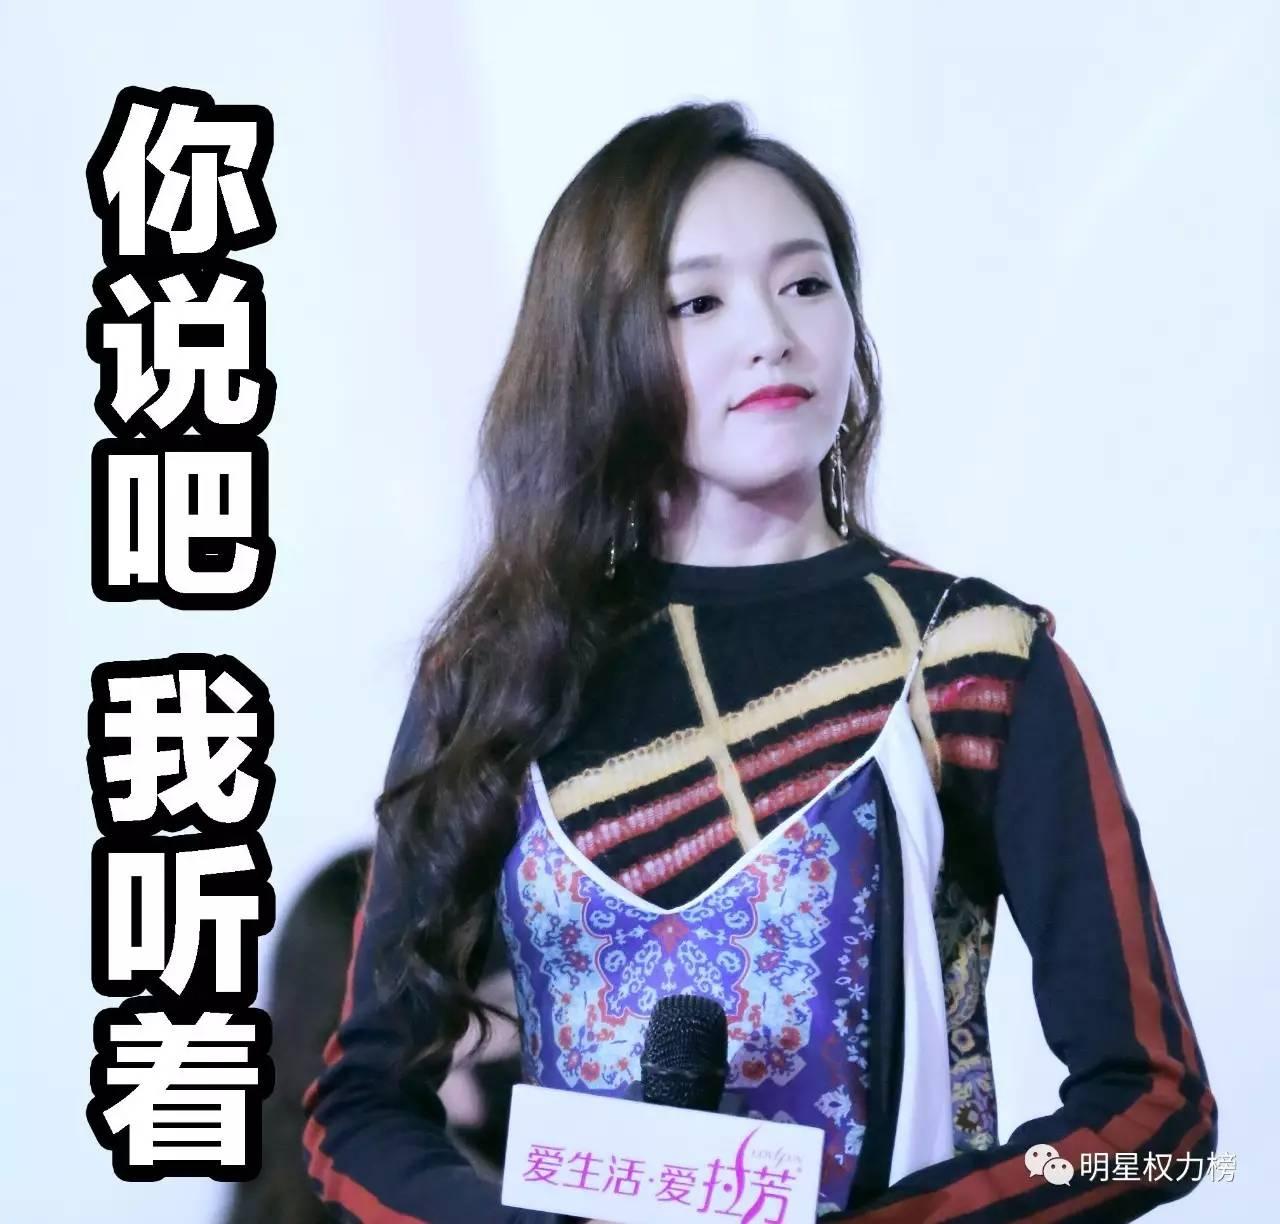 杨幂唐嫣赵丽颖的新剧最近都开机了,你们最期待哪部电视剧的播出呢?